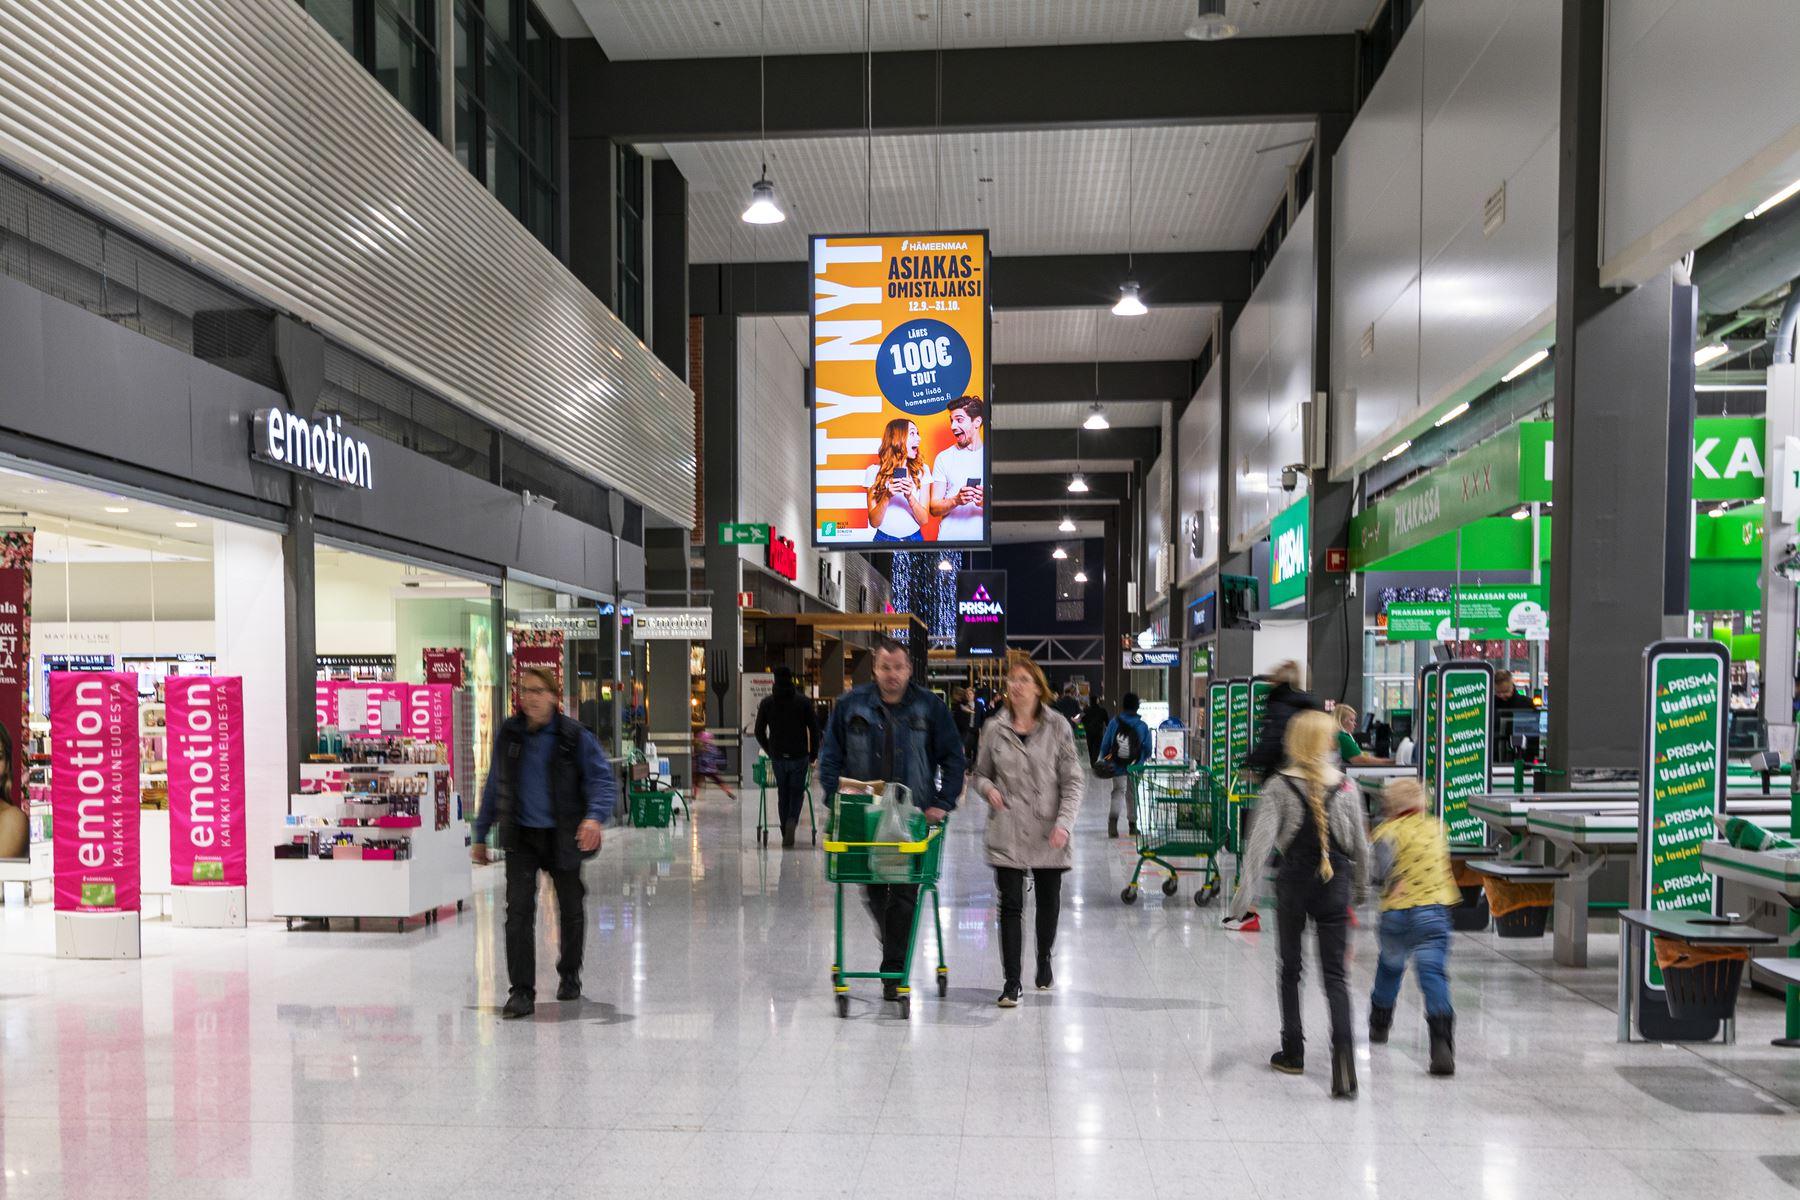 Shopping Digital - Atomi